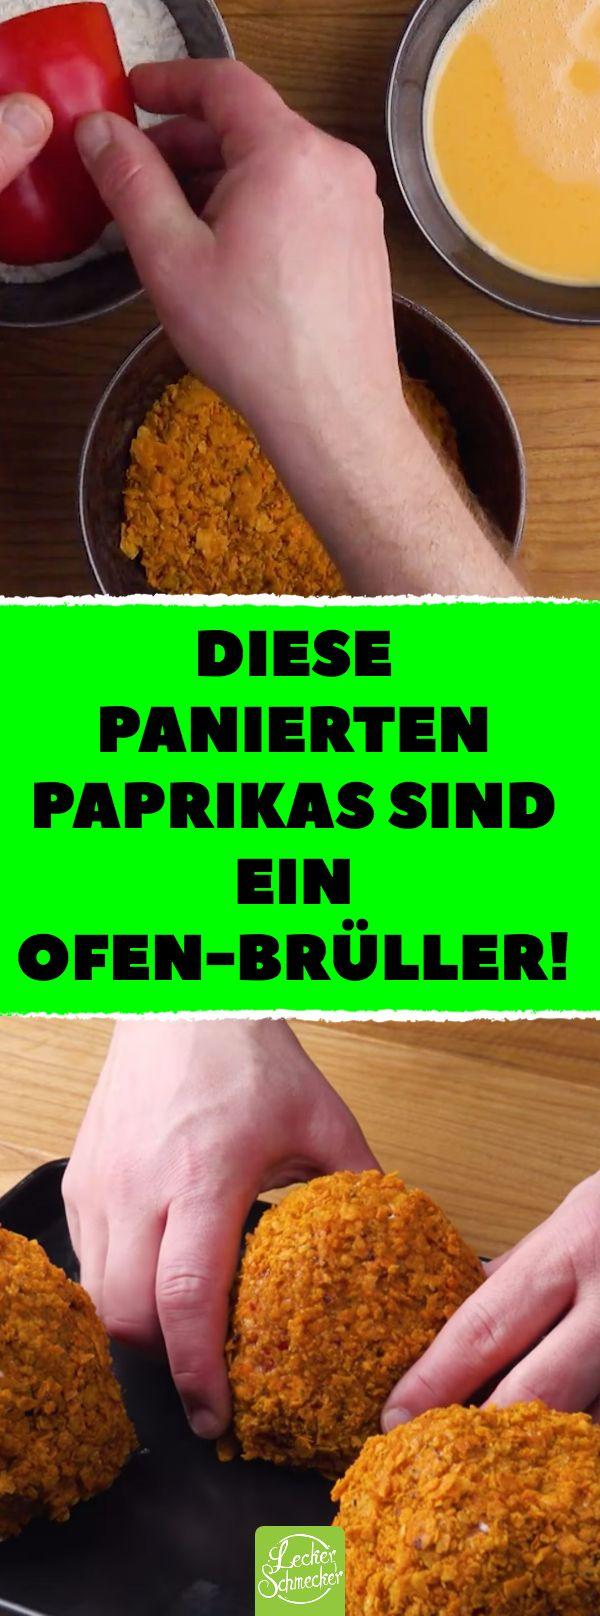 Diese panierten Paprikas sind ein Ofen-Brüller! #rezept #rezepte #paprika #gefüllt #paniert #tortilla #chips #hack #hackfleisch #backen #käse #mozzarella #cheddar #salsa #knoblauch